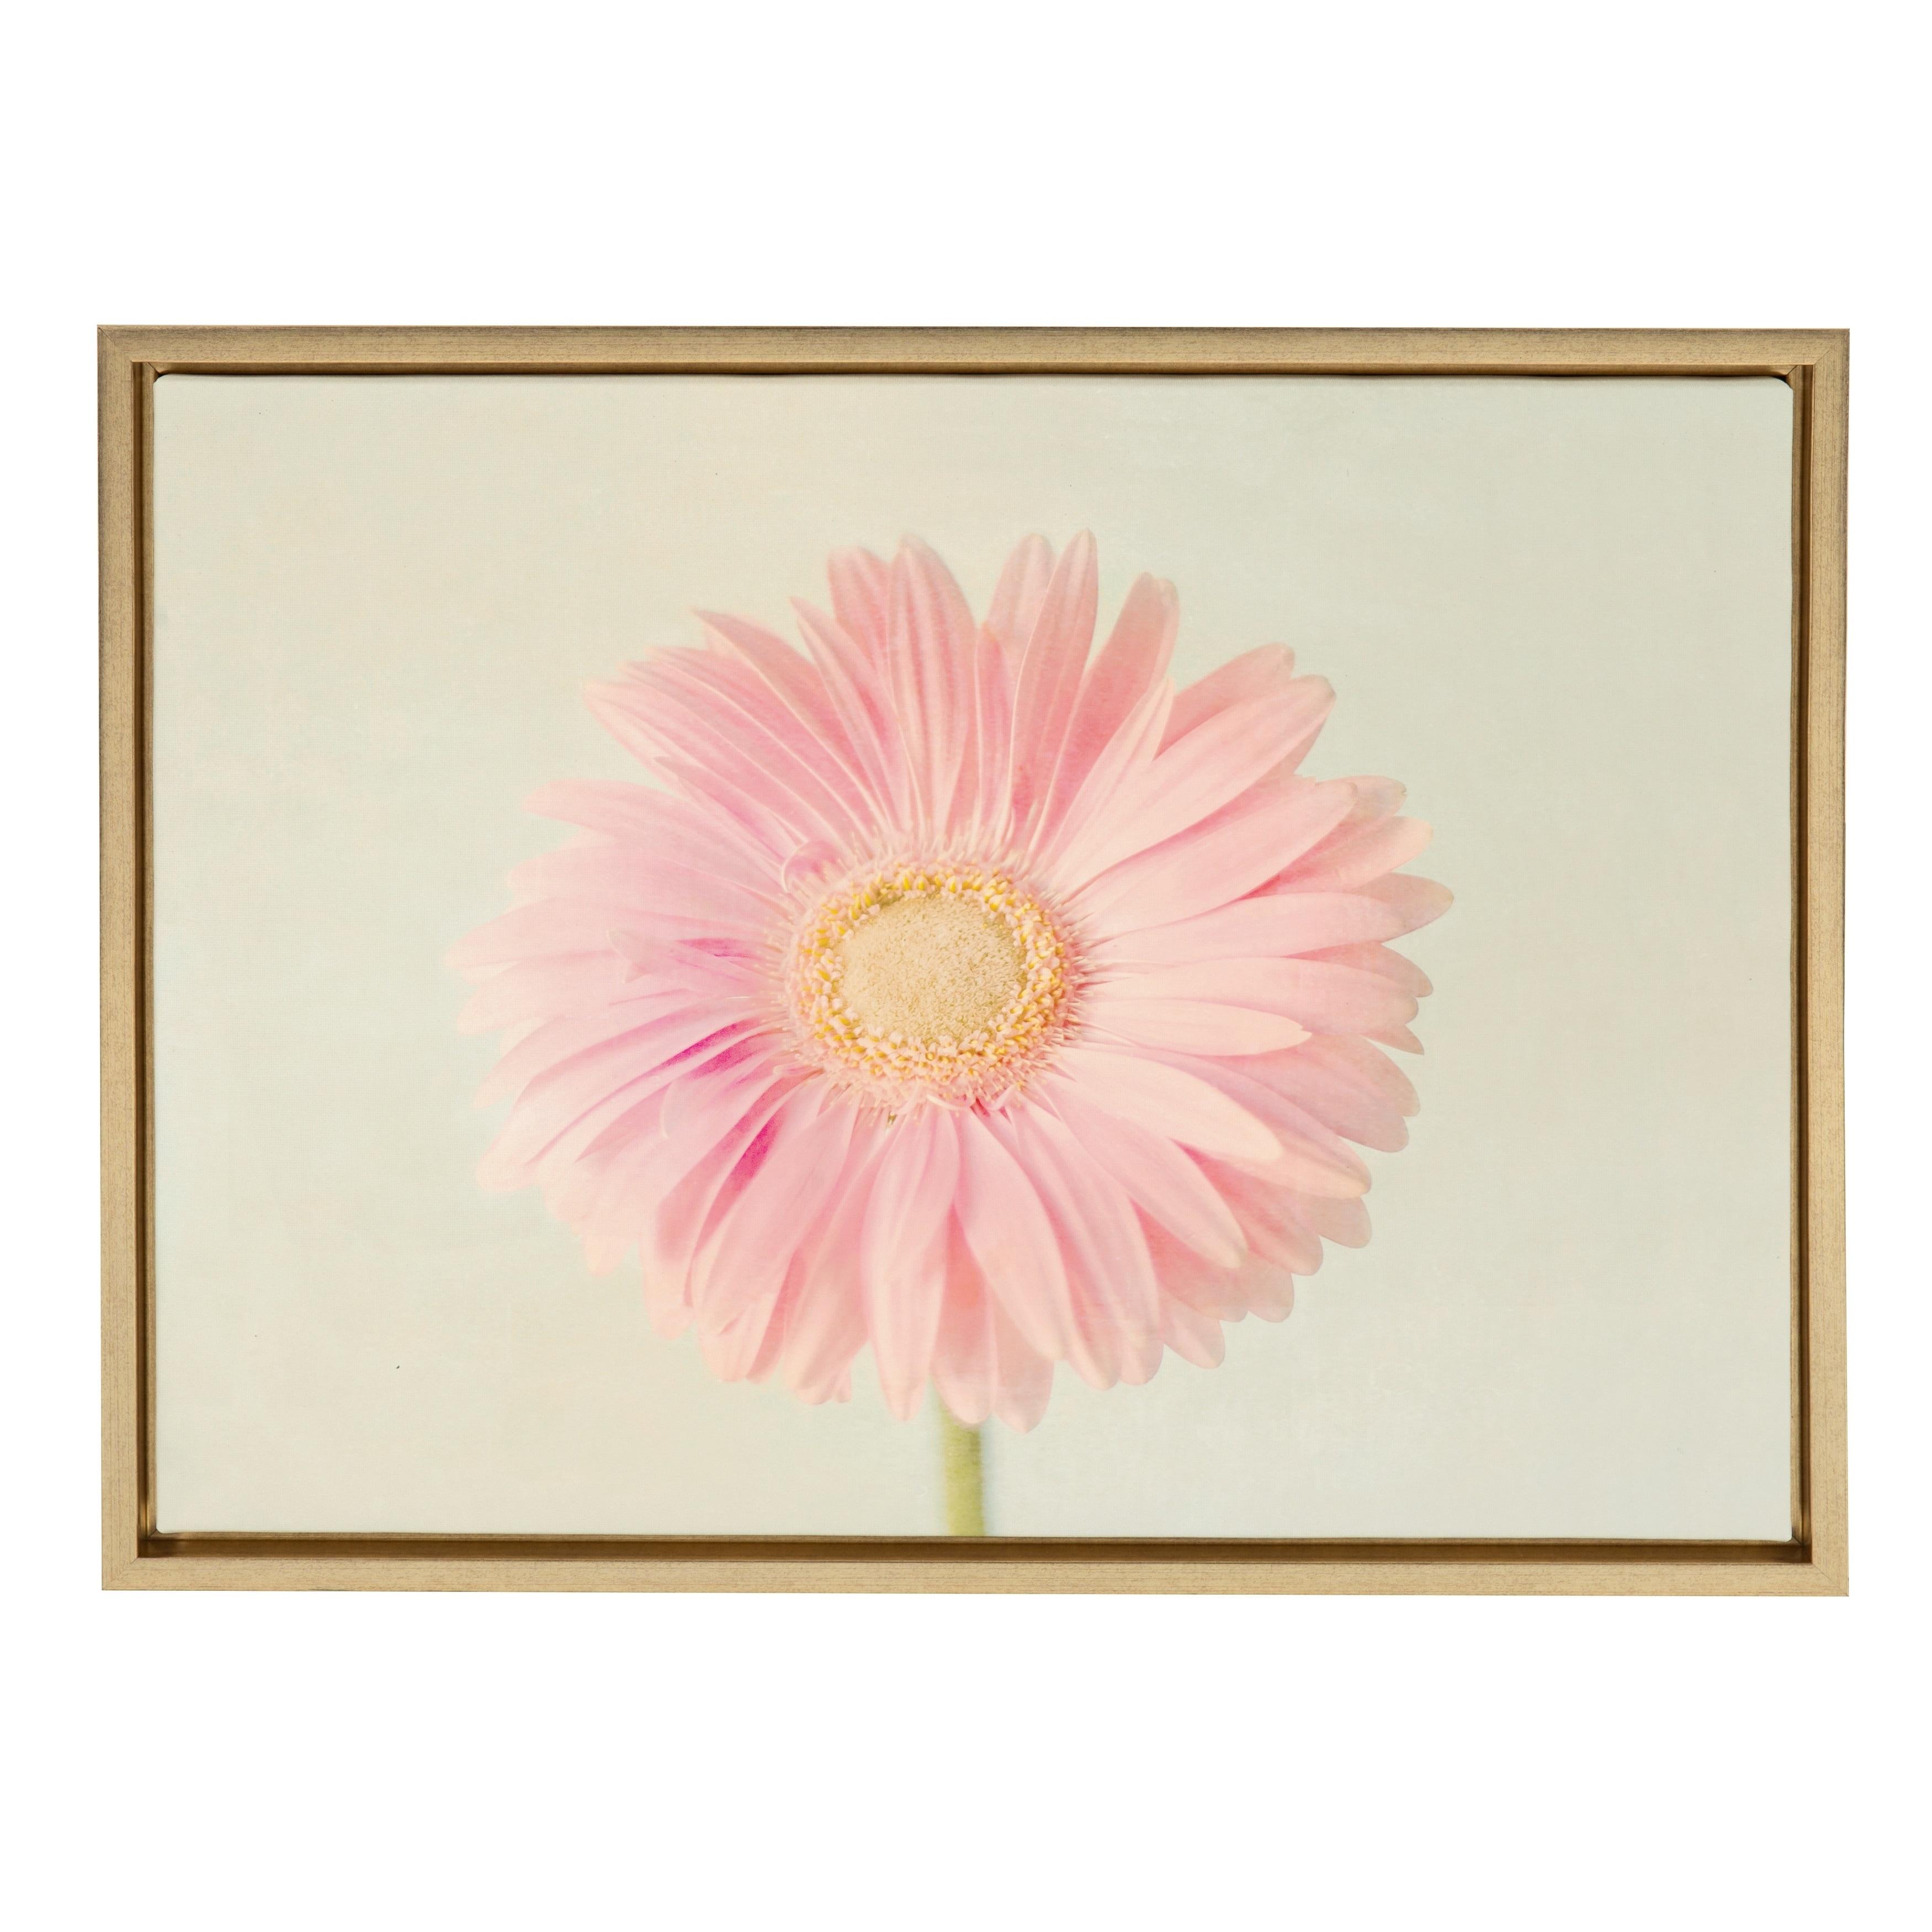 Shop Sylvie Pink Gerbera Daisy Flower Framed Canvas Wall Art Gold